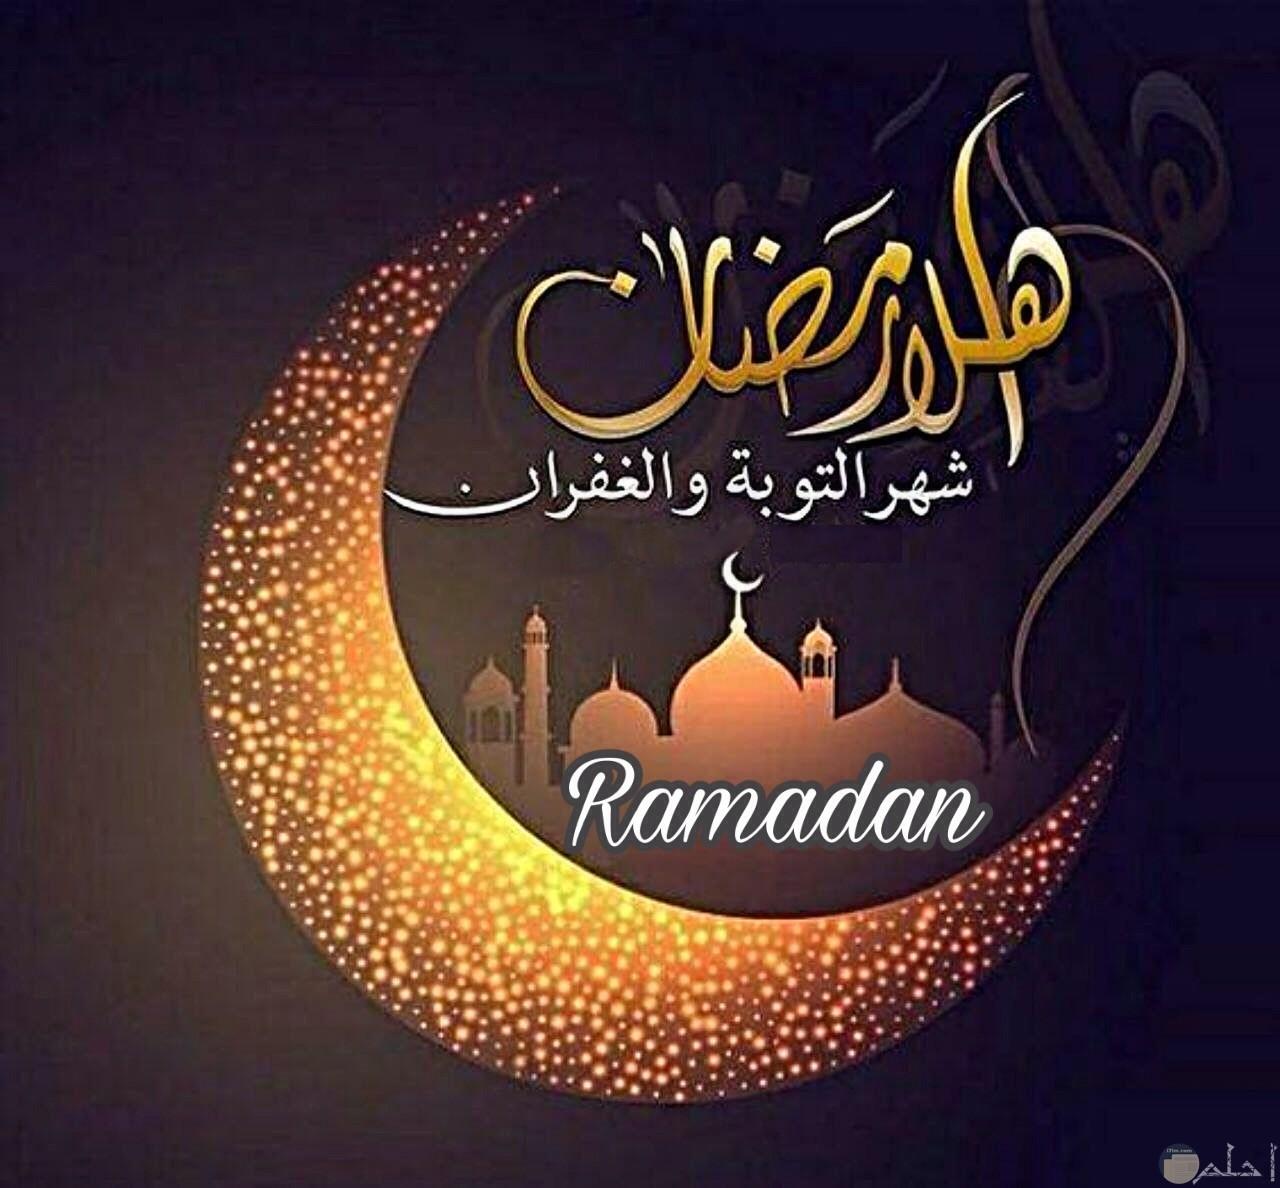 اهلا رمضان شهر التوبه والغفران